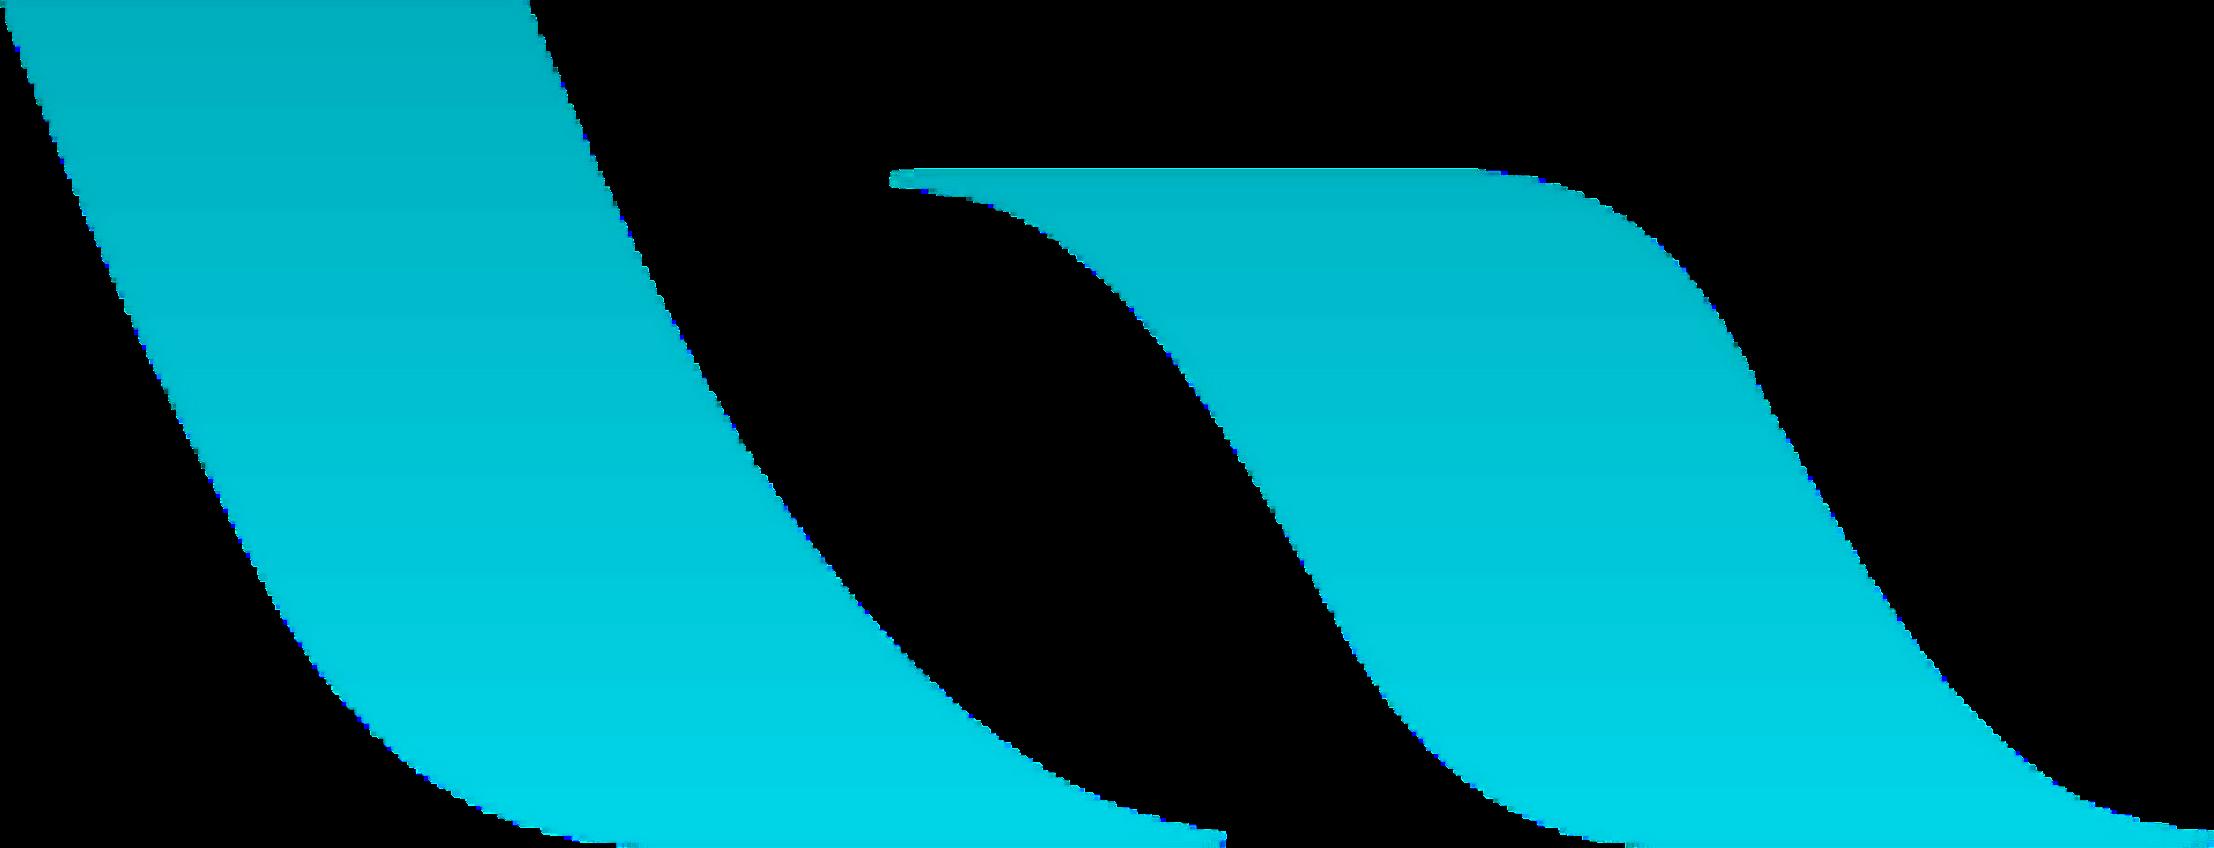 Logo for Holda Technologies